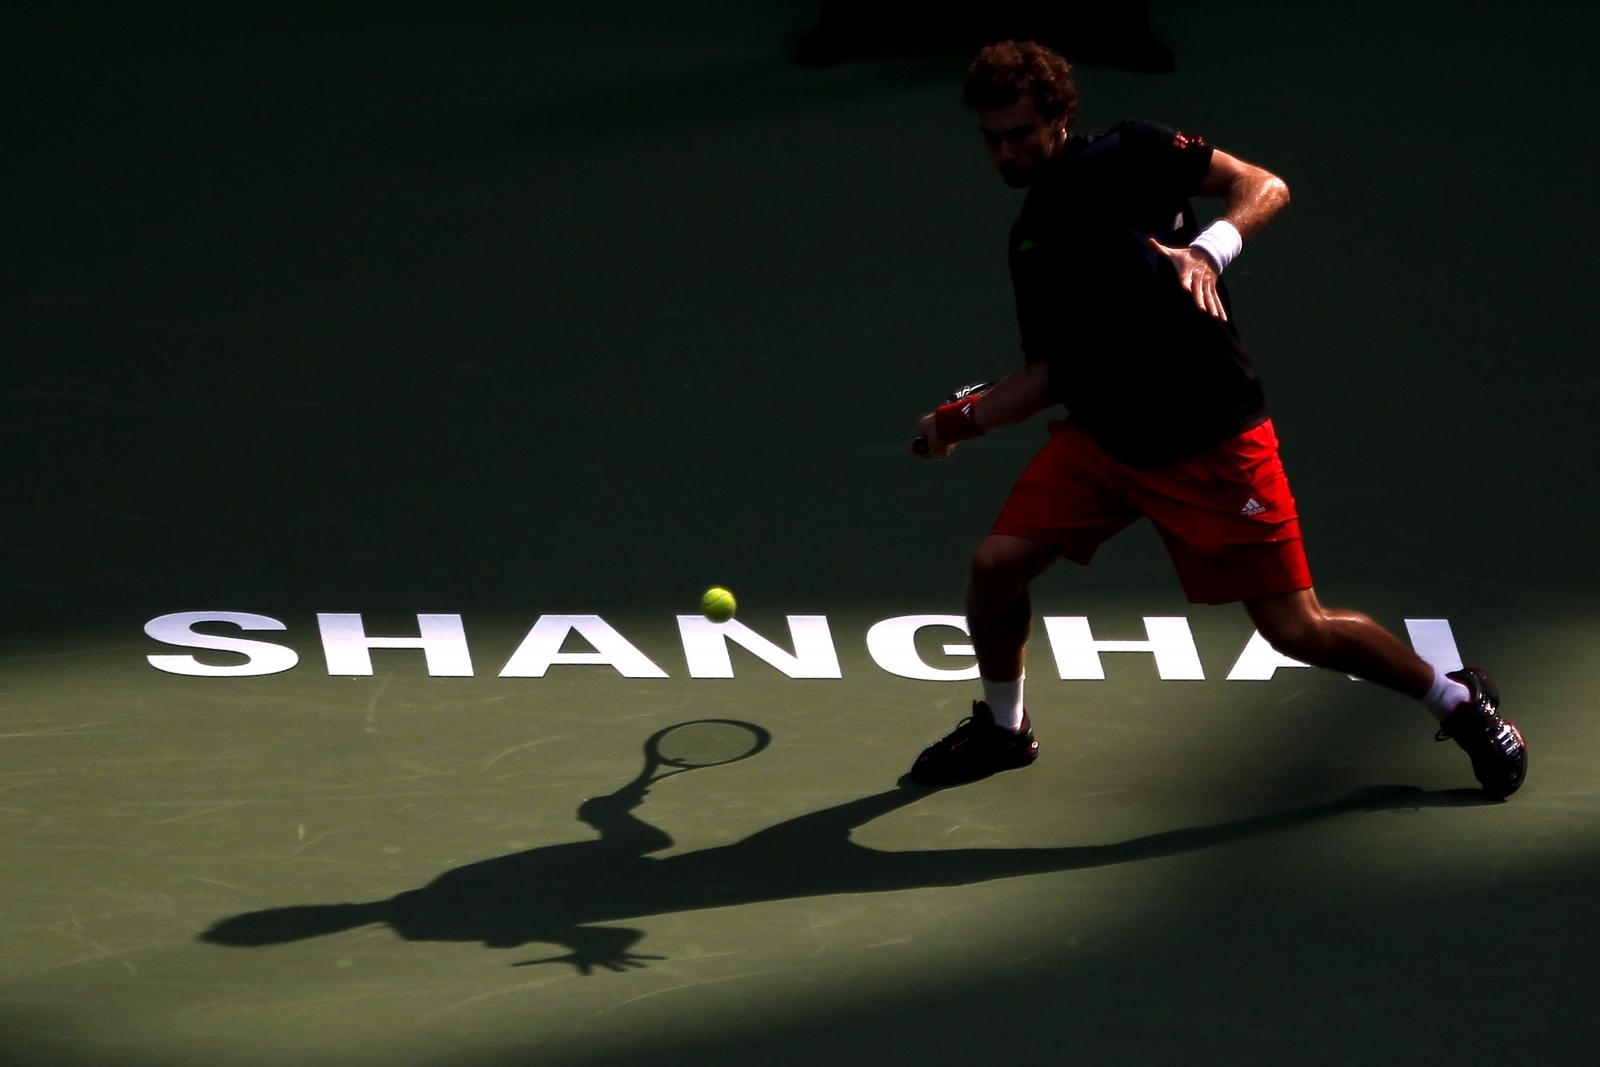 Shanghai startar internationell tv kanal